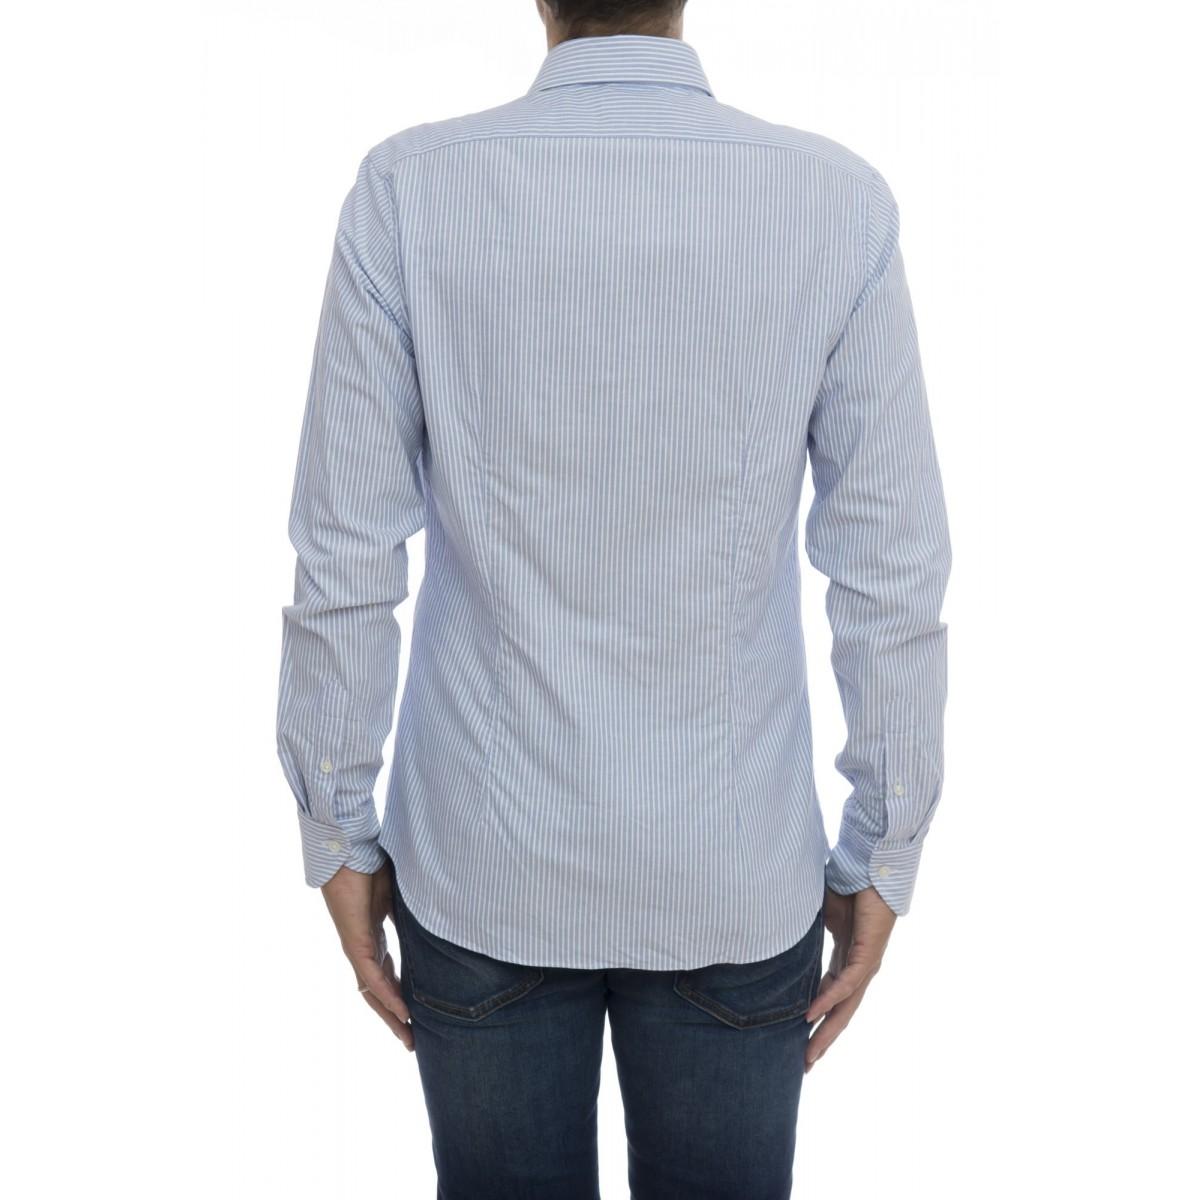 Camicia uomo - 748 31117 oxford